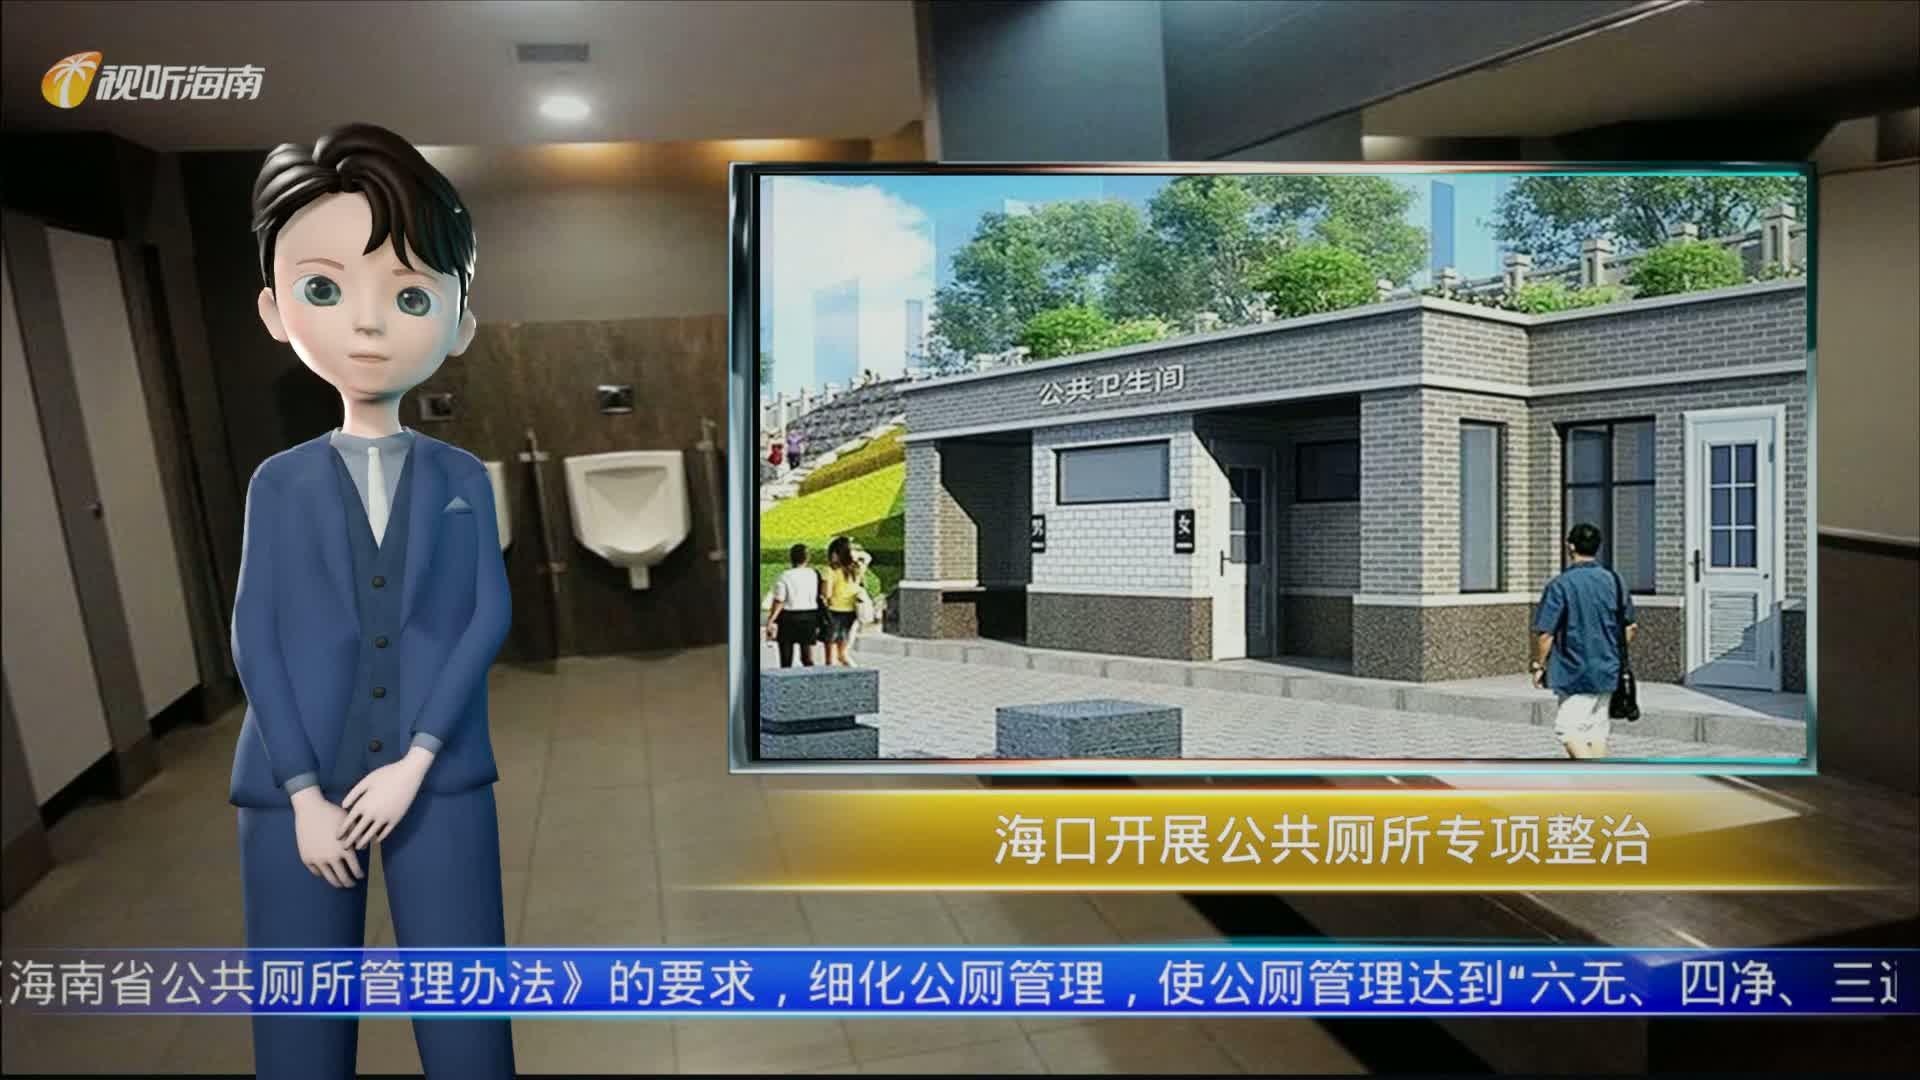 AI播报|海口开展公共厕所专项整治 两个月督办整改公厕问题960宗